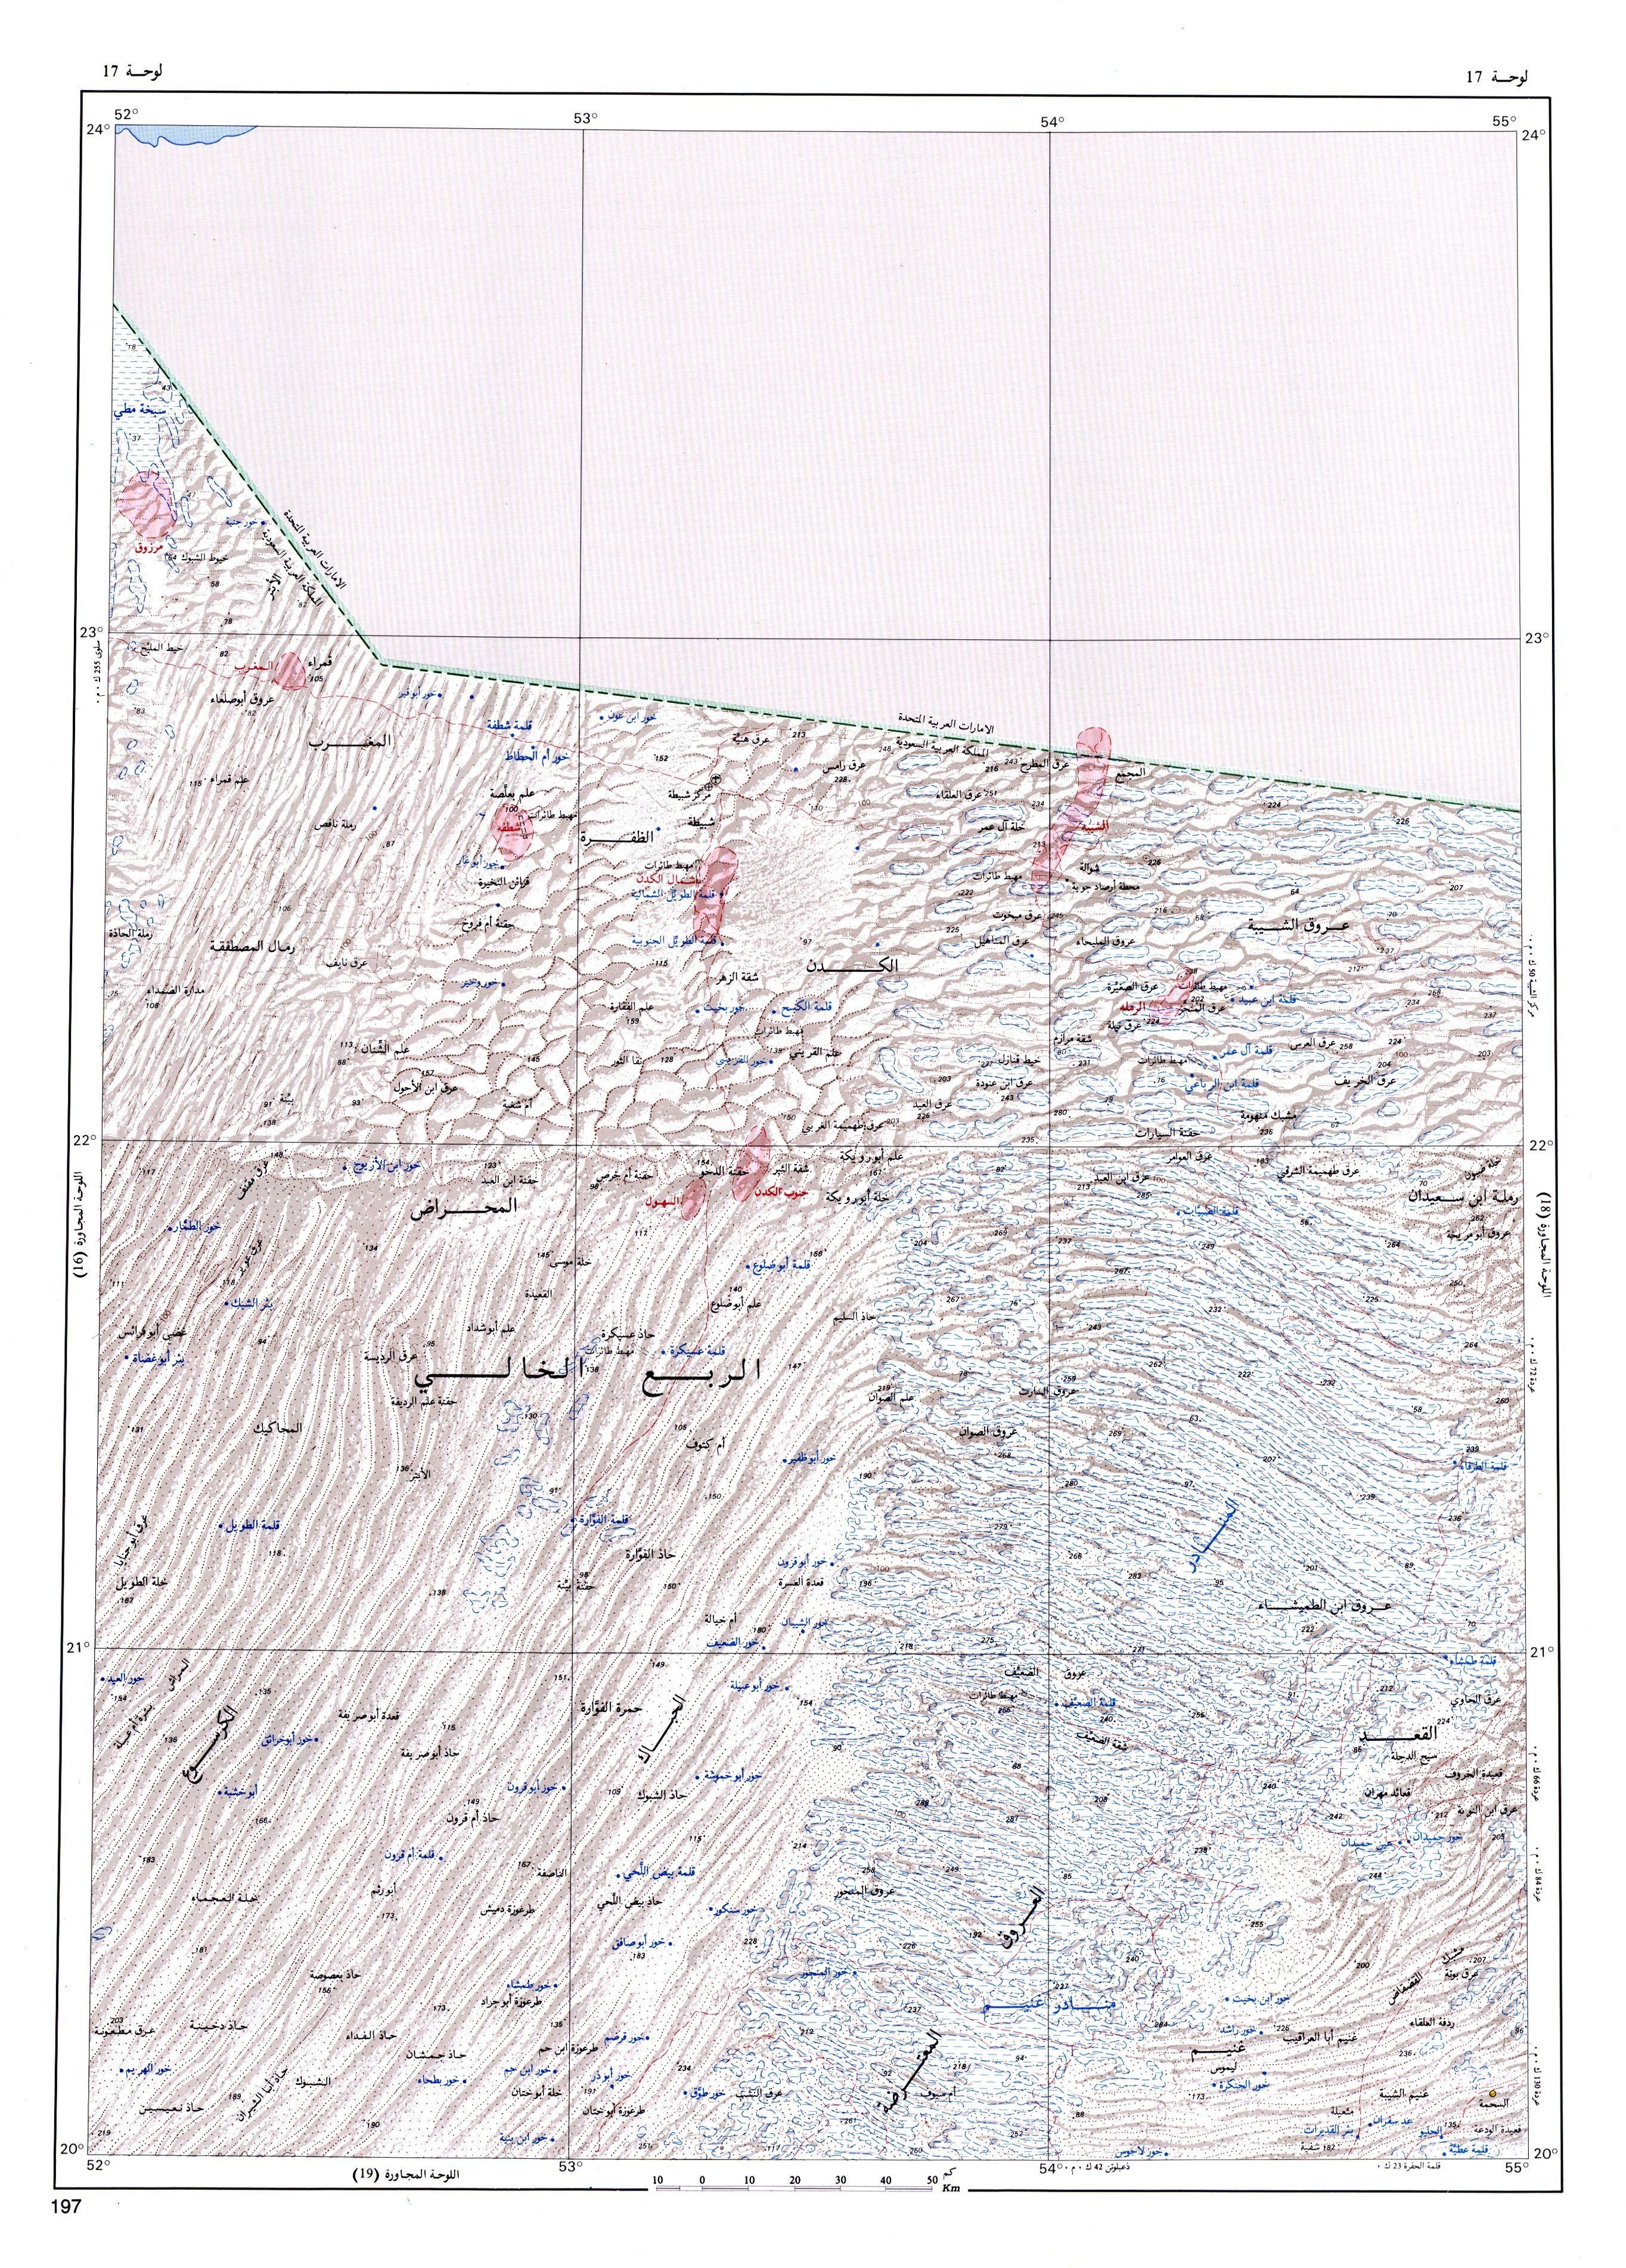 خريطة رقم 17 مركز شبيطة والجزء الشرقي من الربع الخالي Map Quilts Pictures